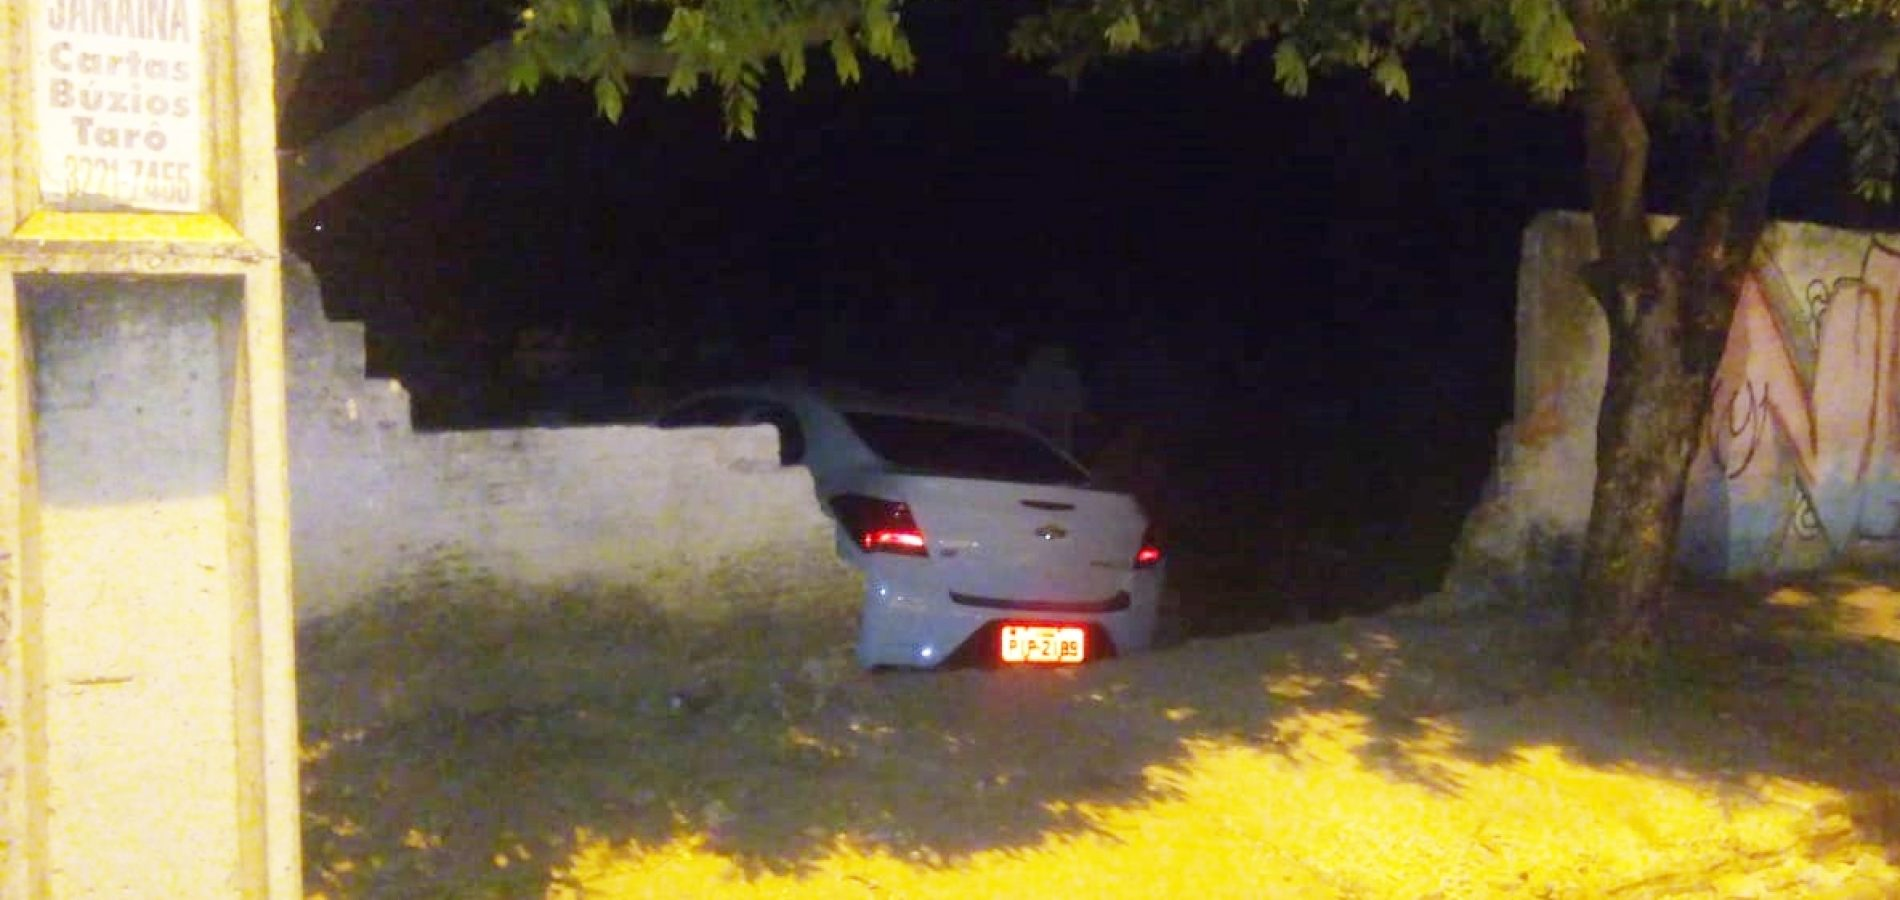 Bandido rouba táxi e invade cemitério durante perseguição no Piauí